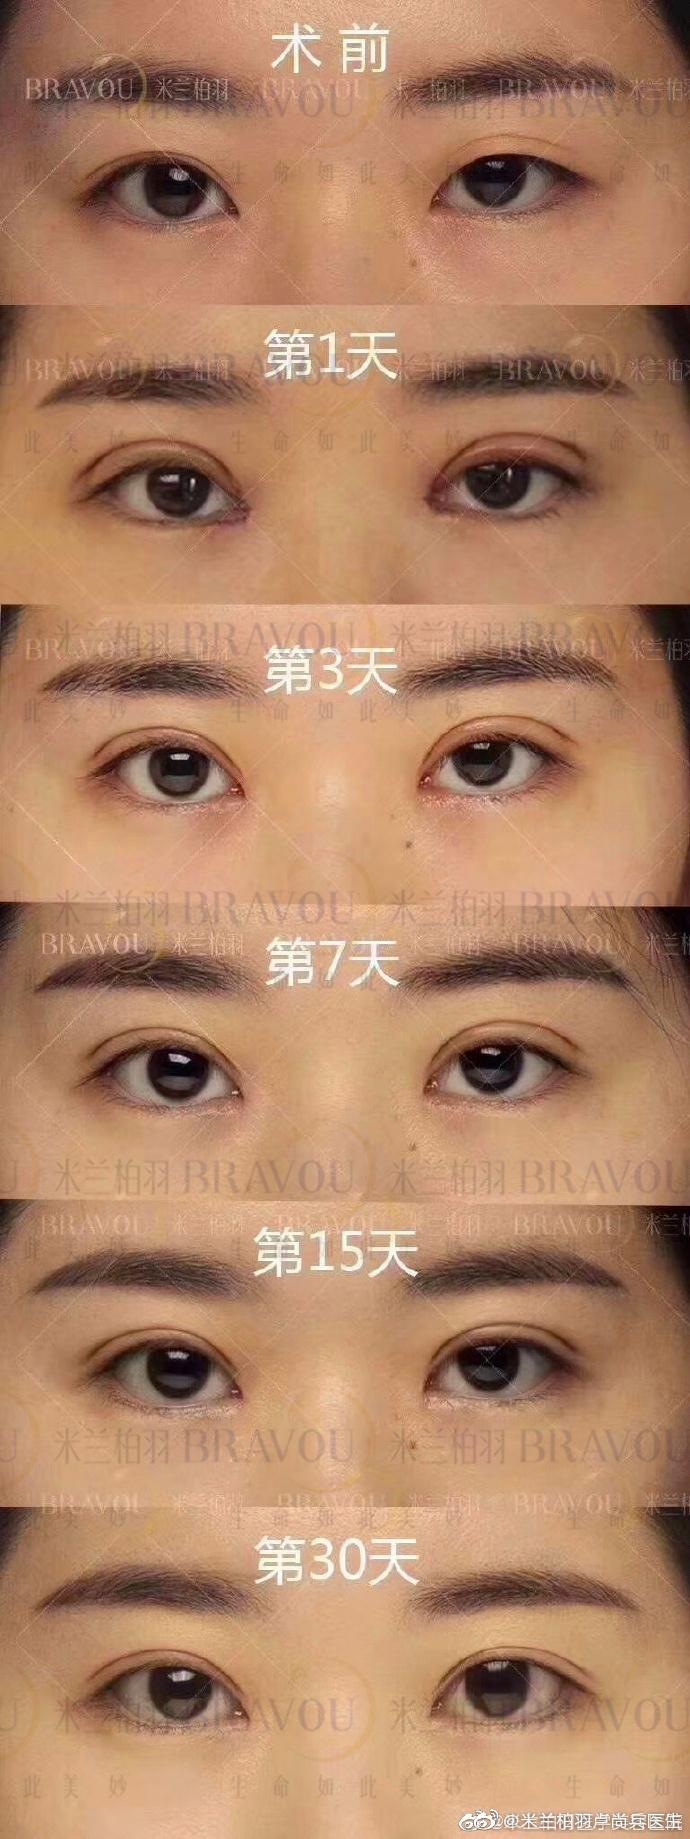 卢尚兵双眼皮修复案例